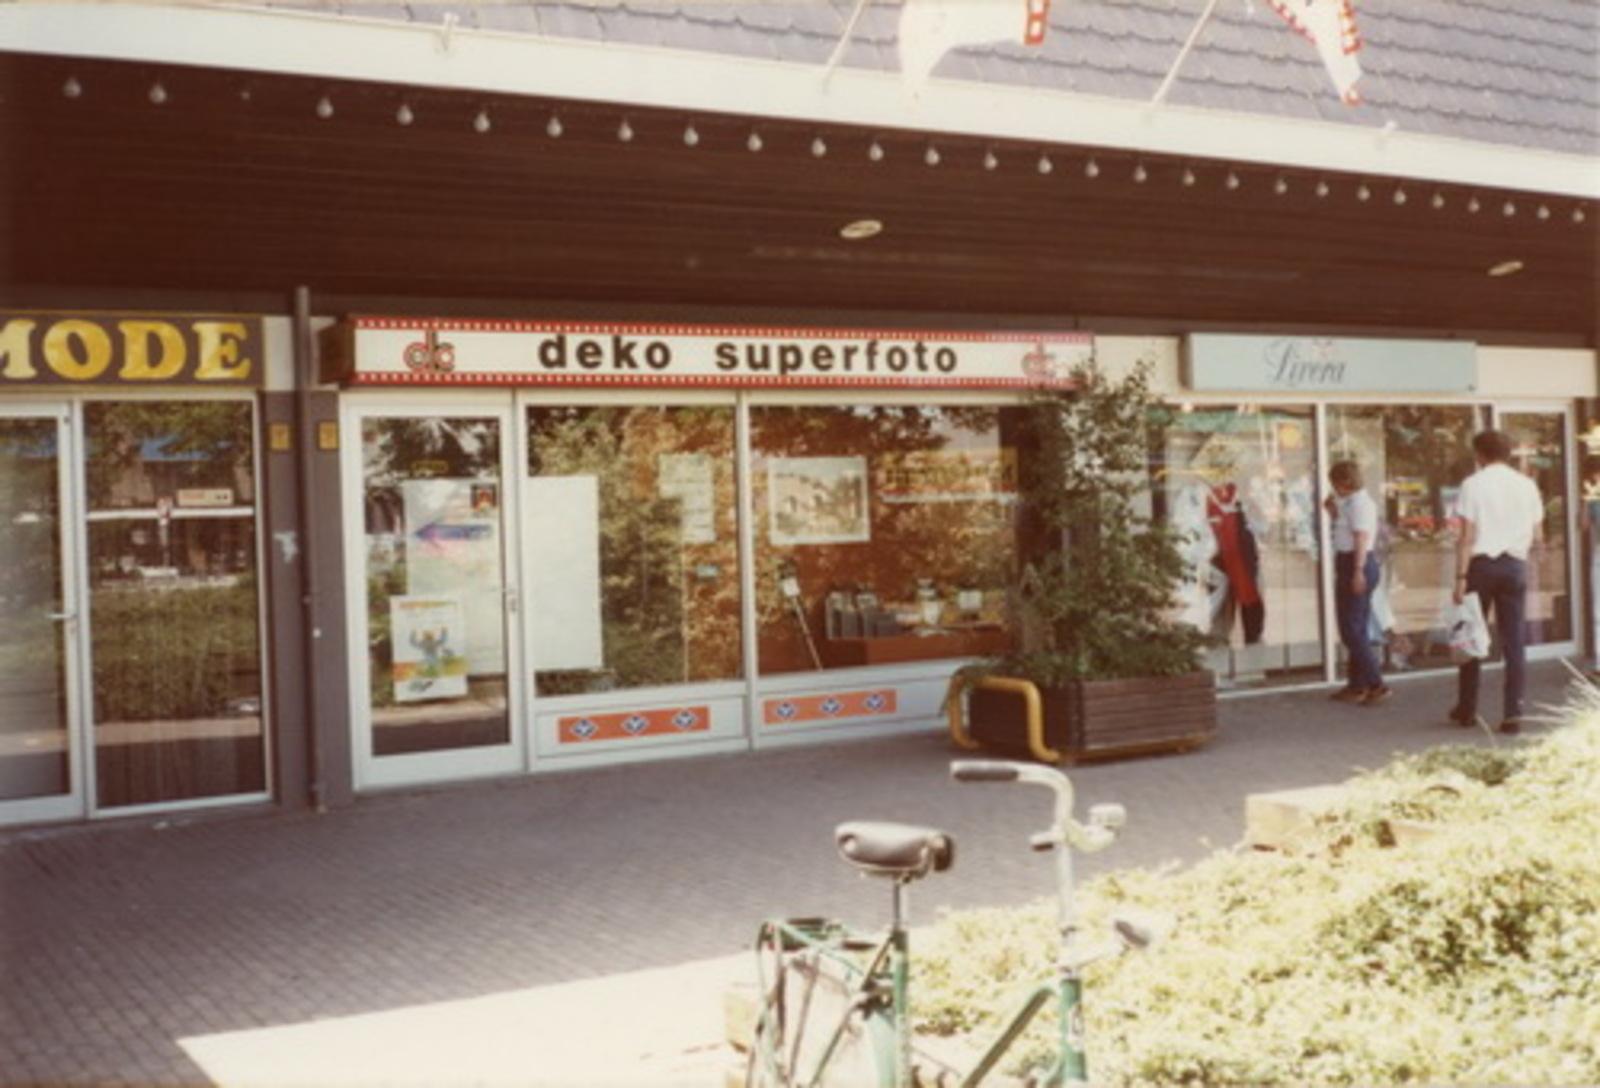 Marktplein Z 0040+ 1972+ Markthof 02 Fotozaak Deko